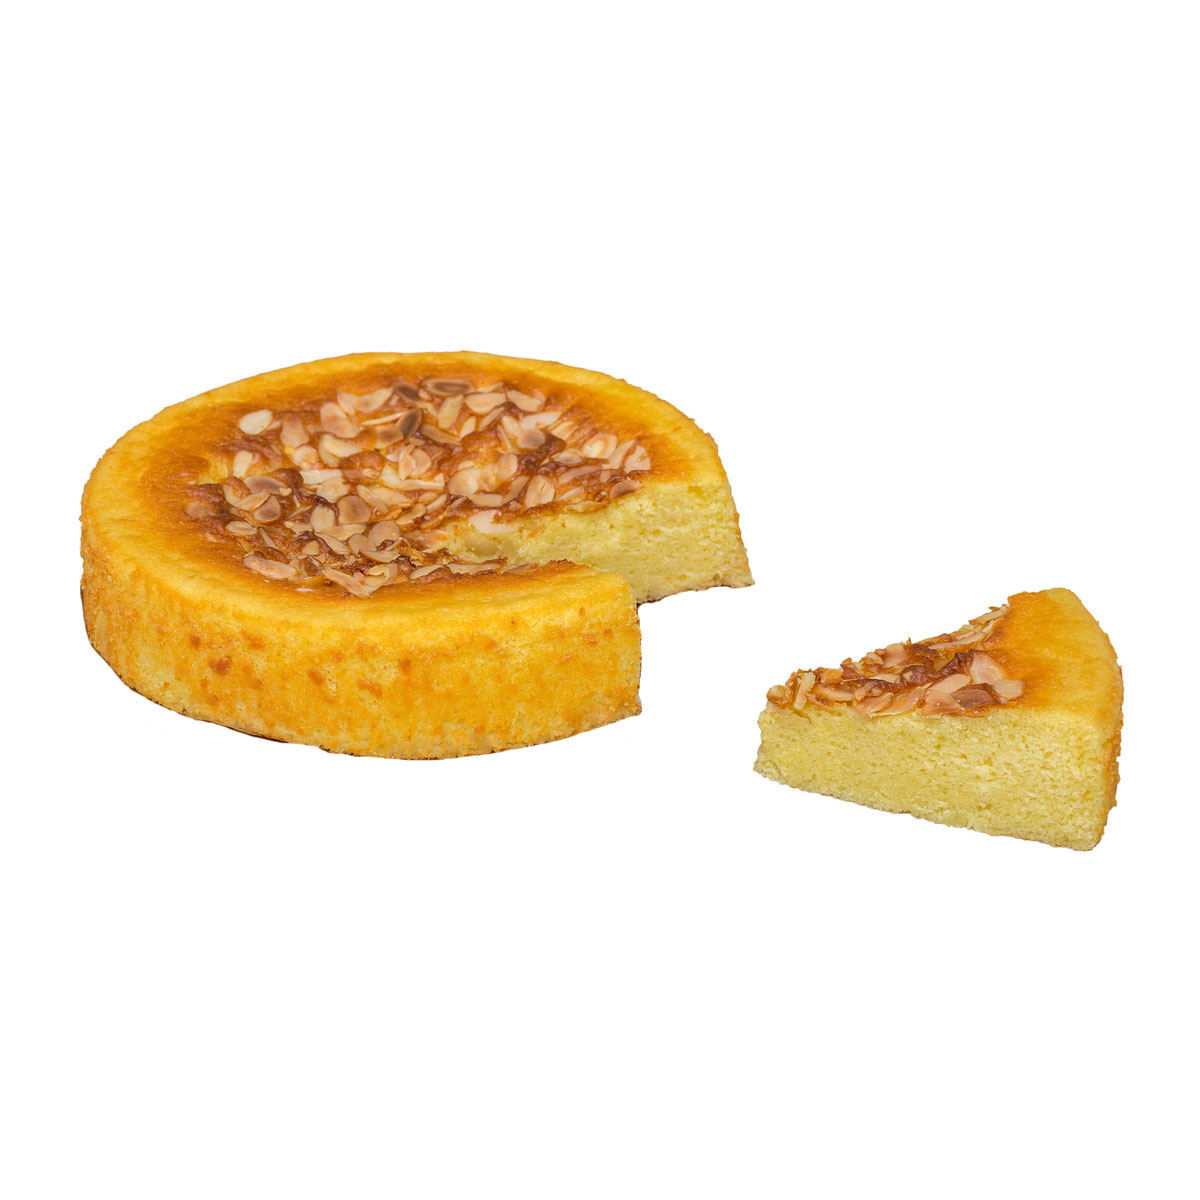 کیک بادام بلژیکی کیکخونه - 1 کیلوگرم